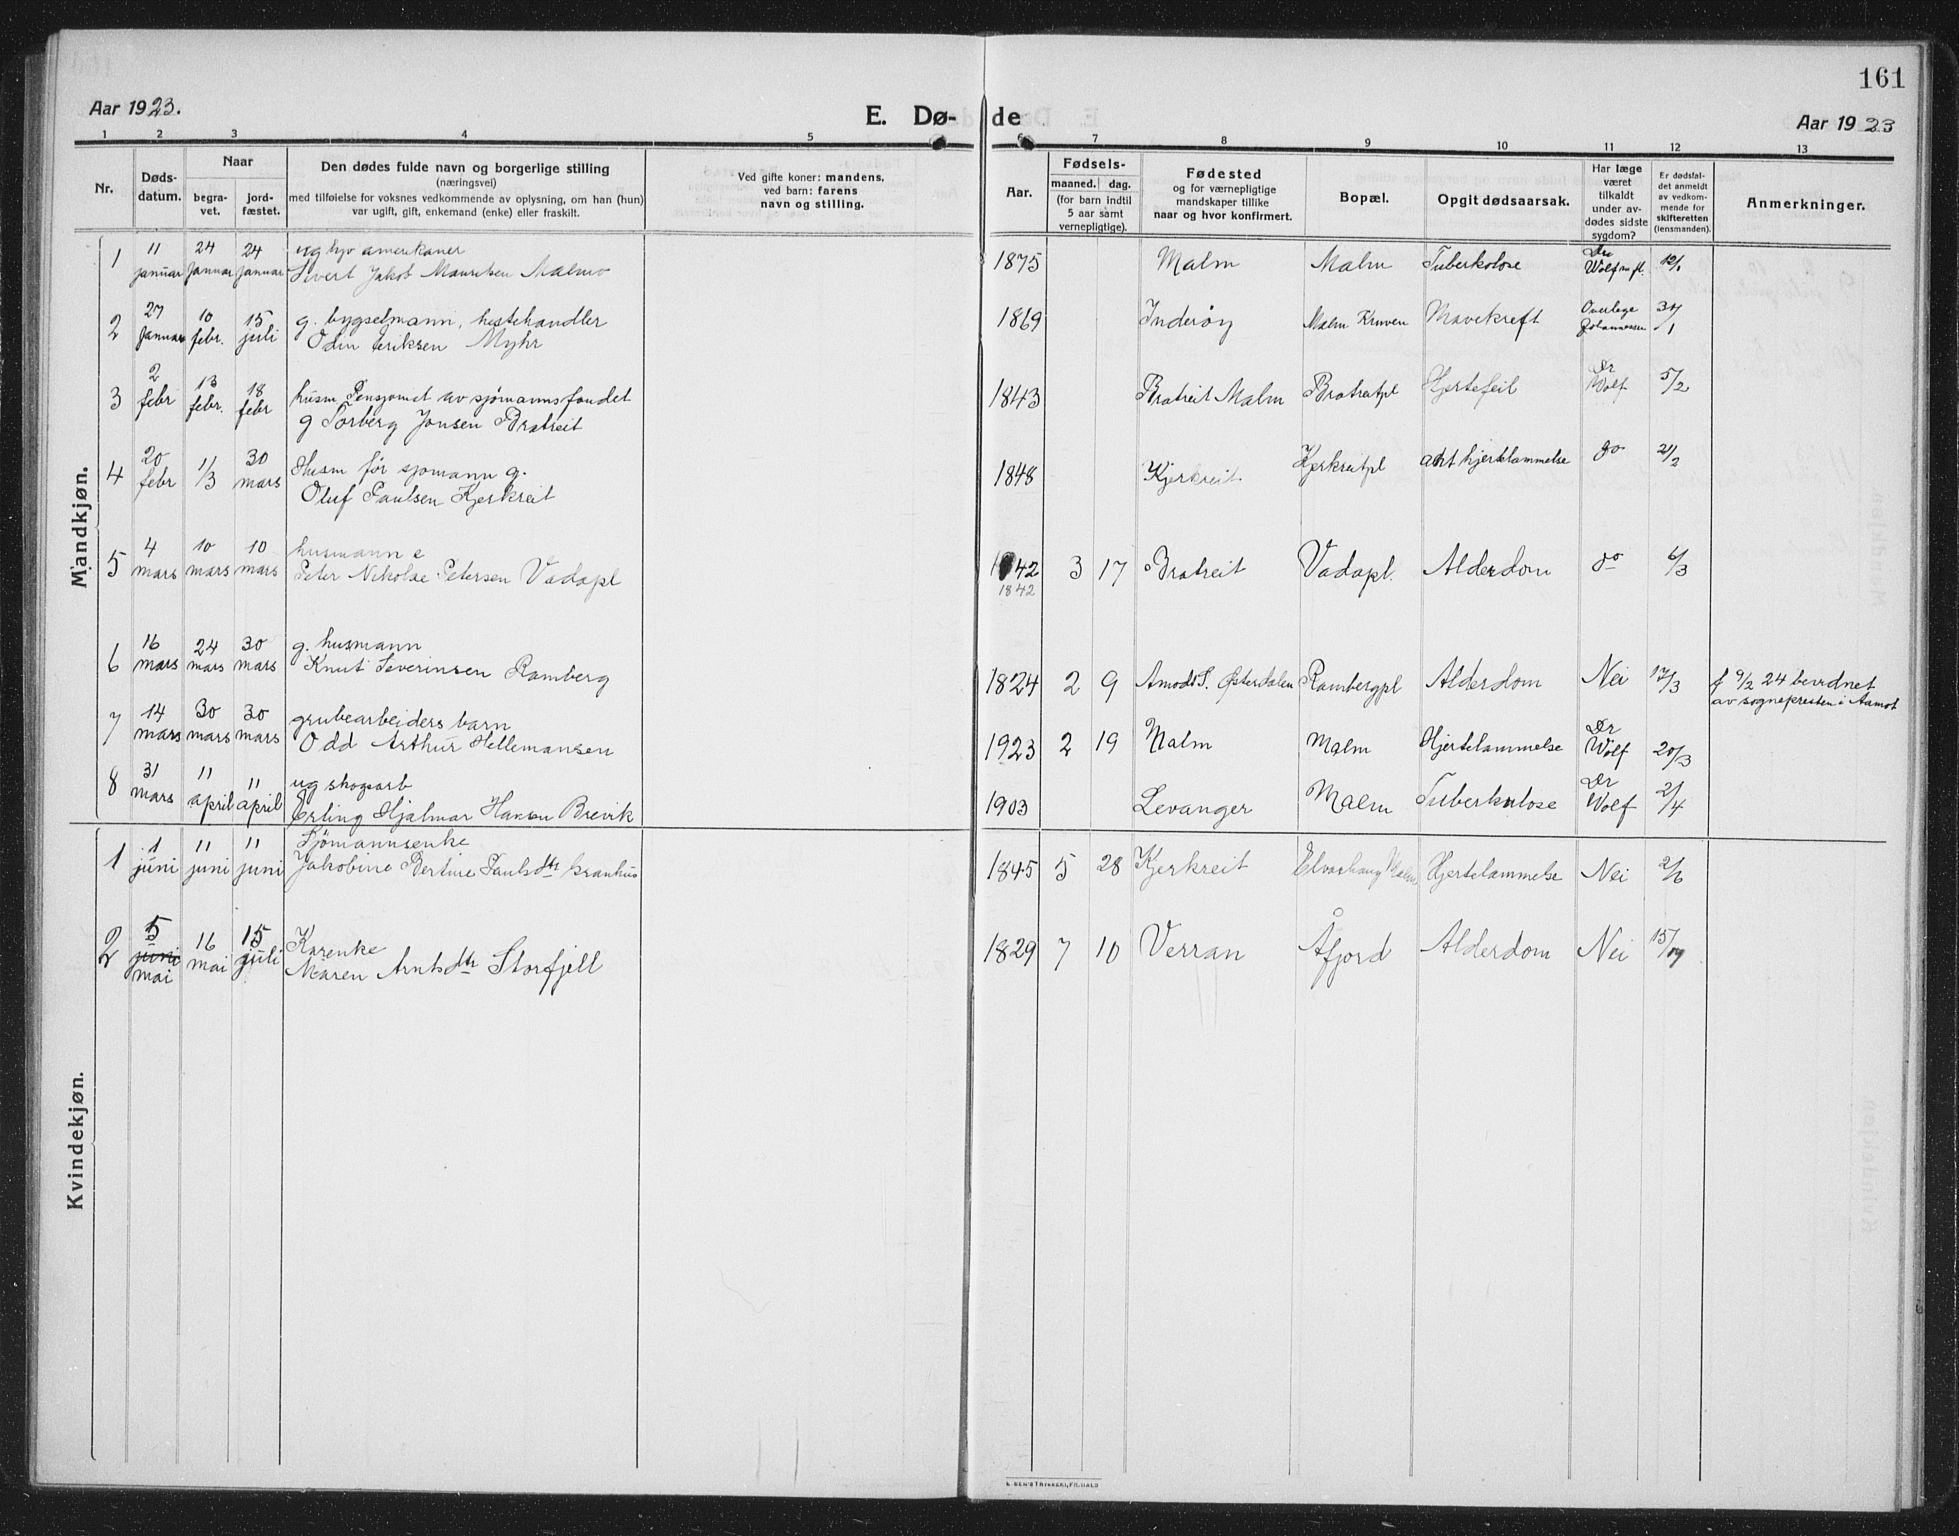 SAT, Ministerialprotokoller, klokkerbøker og fødselsregistre - Nord-Trøndelag, 745/L0434: Klokkerbok nr. 745C03, 1914-1937, s. 161